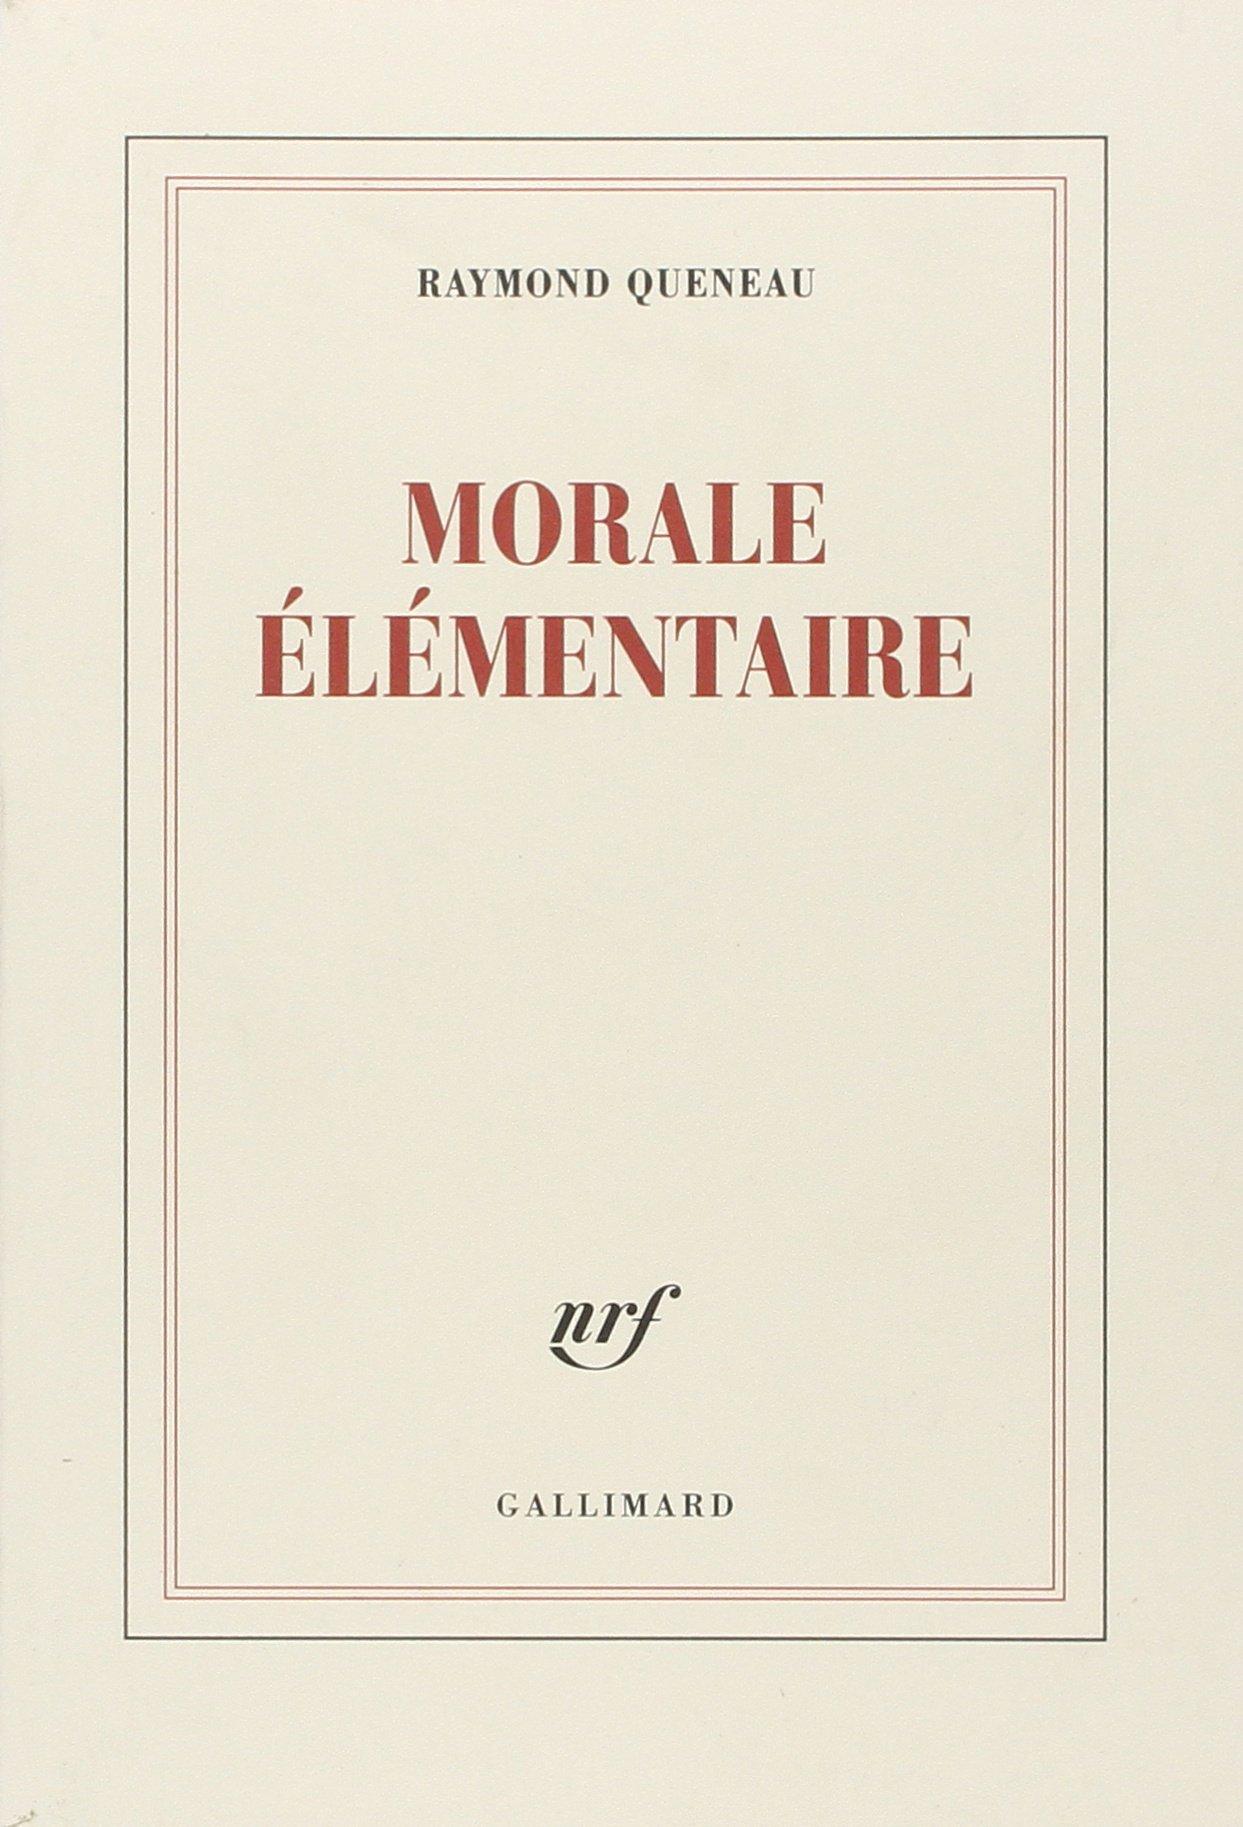 22f6f038ef8 Amazon.fr - Morale élémentaire - Raymond Queneau - Livres